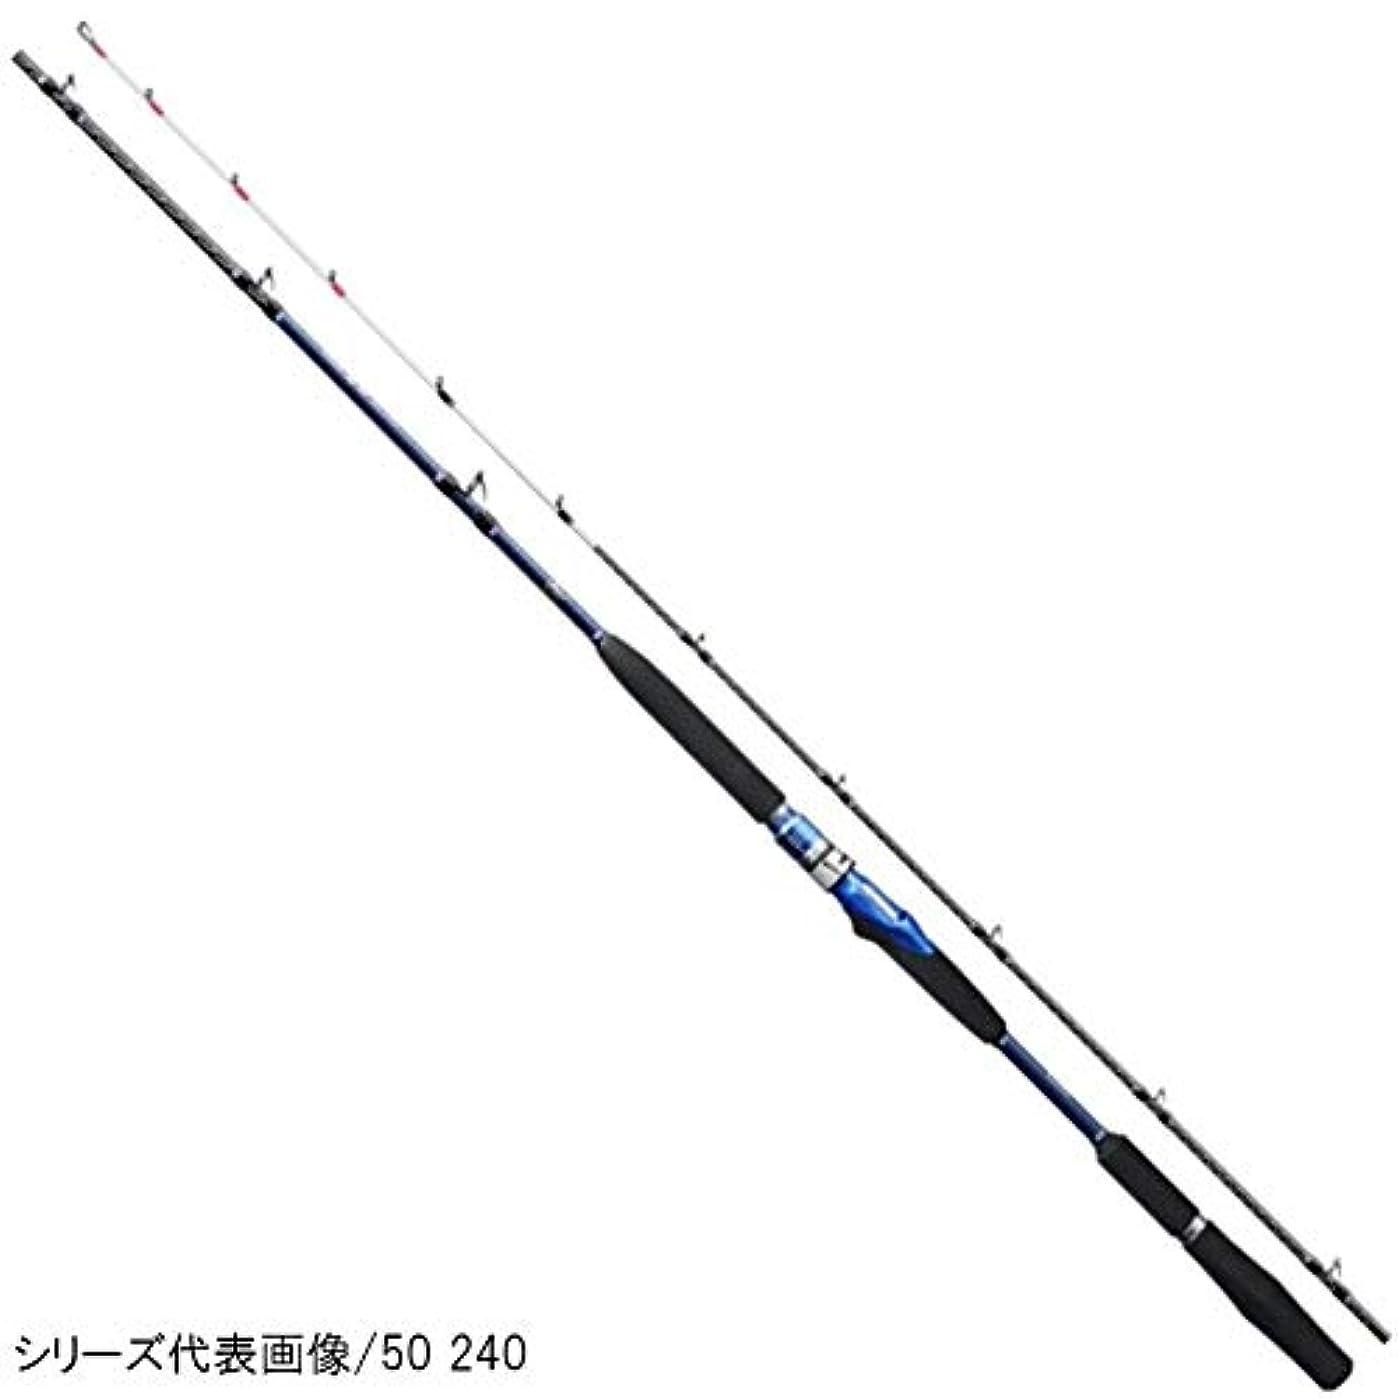 バックアップ乙女エラーシマノ(SHIMANO) 18 海明 50 270